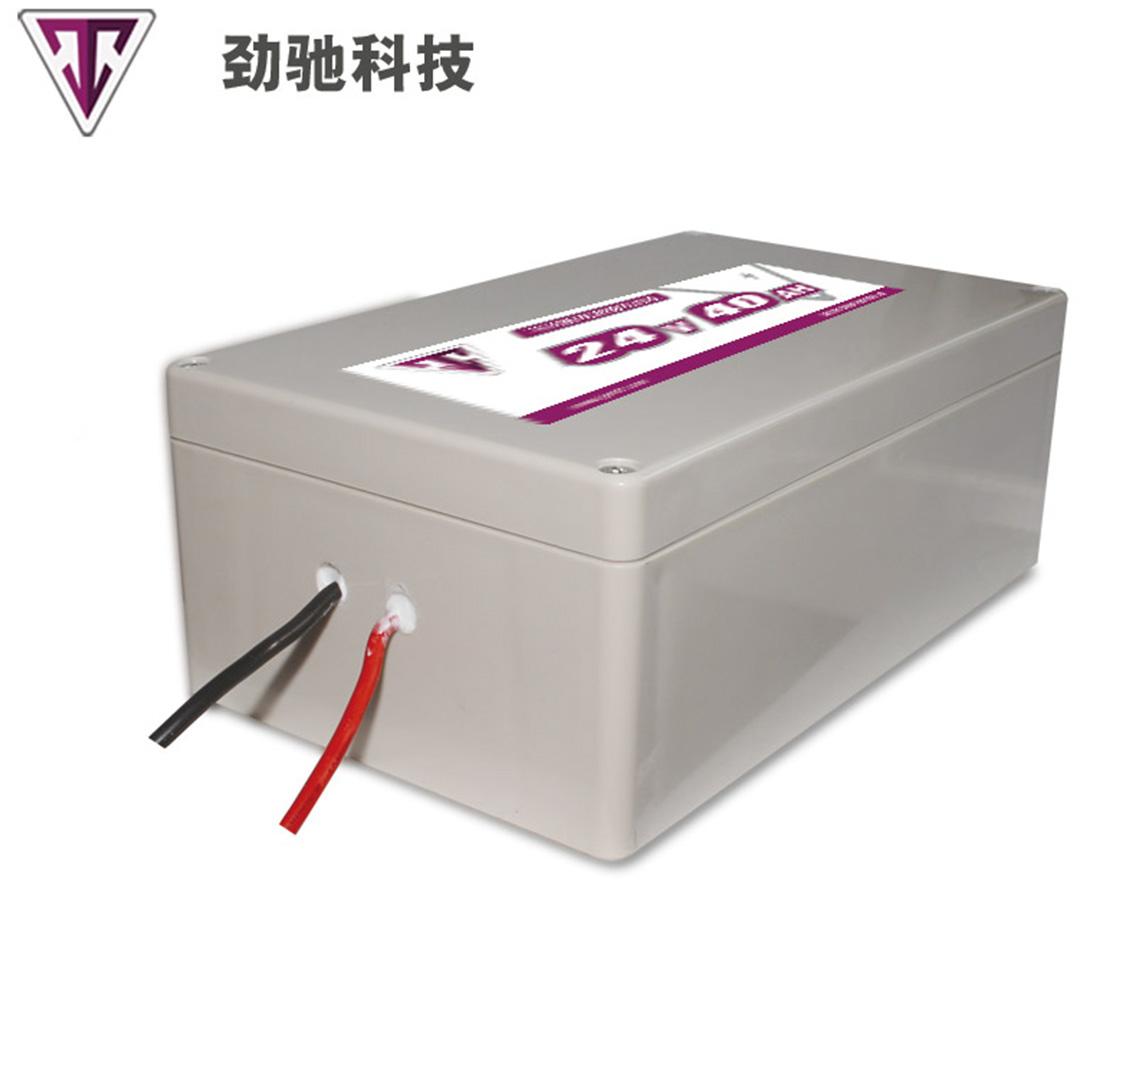 大容量定制锂电池